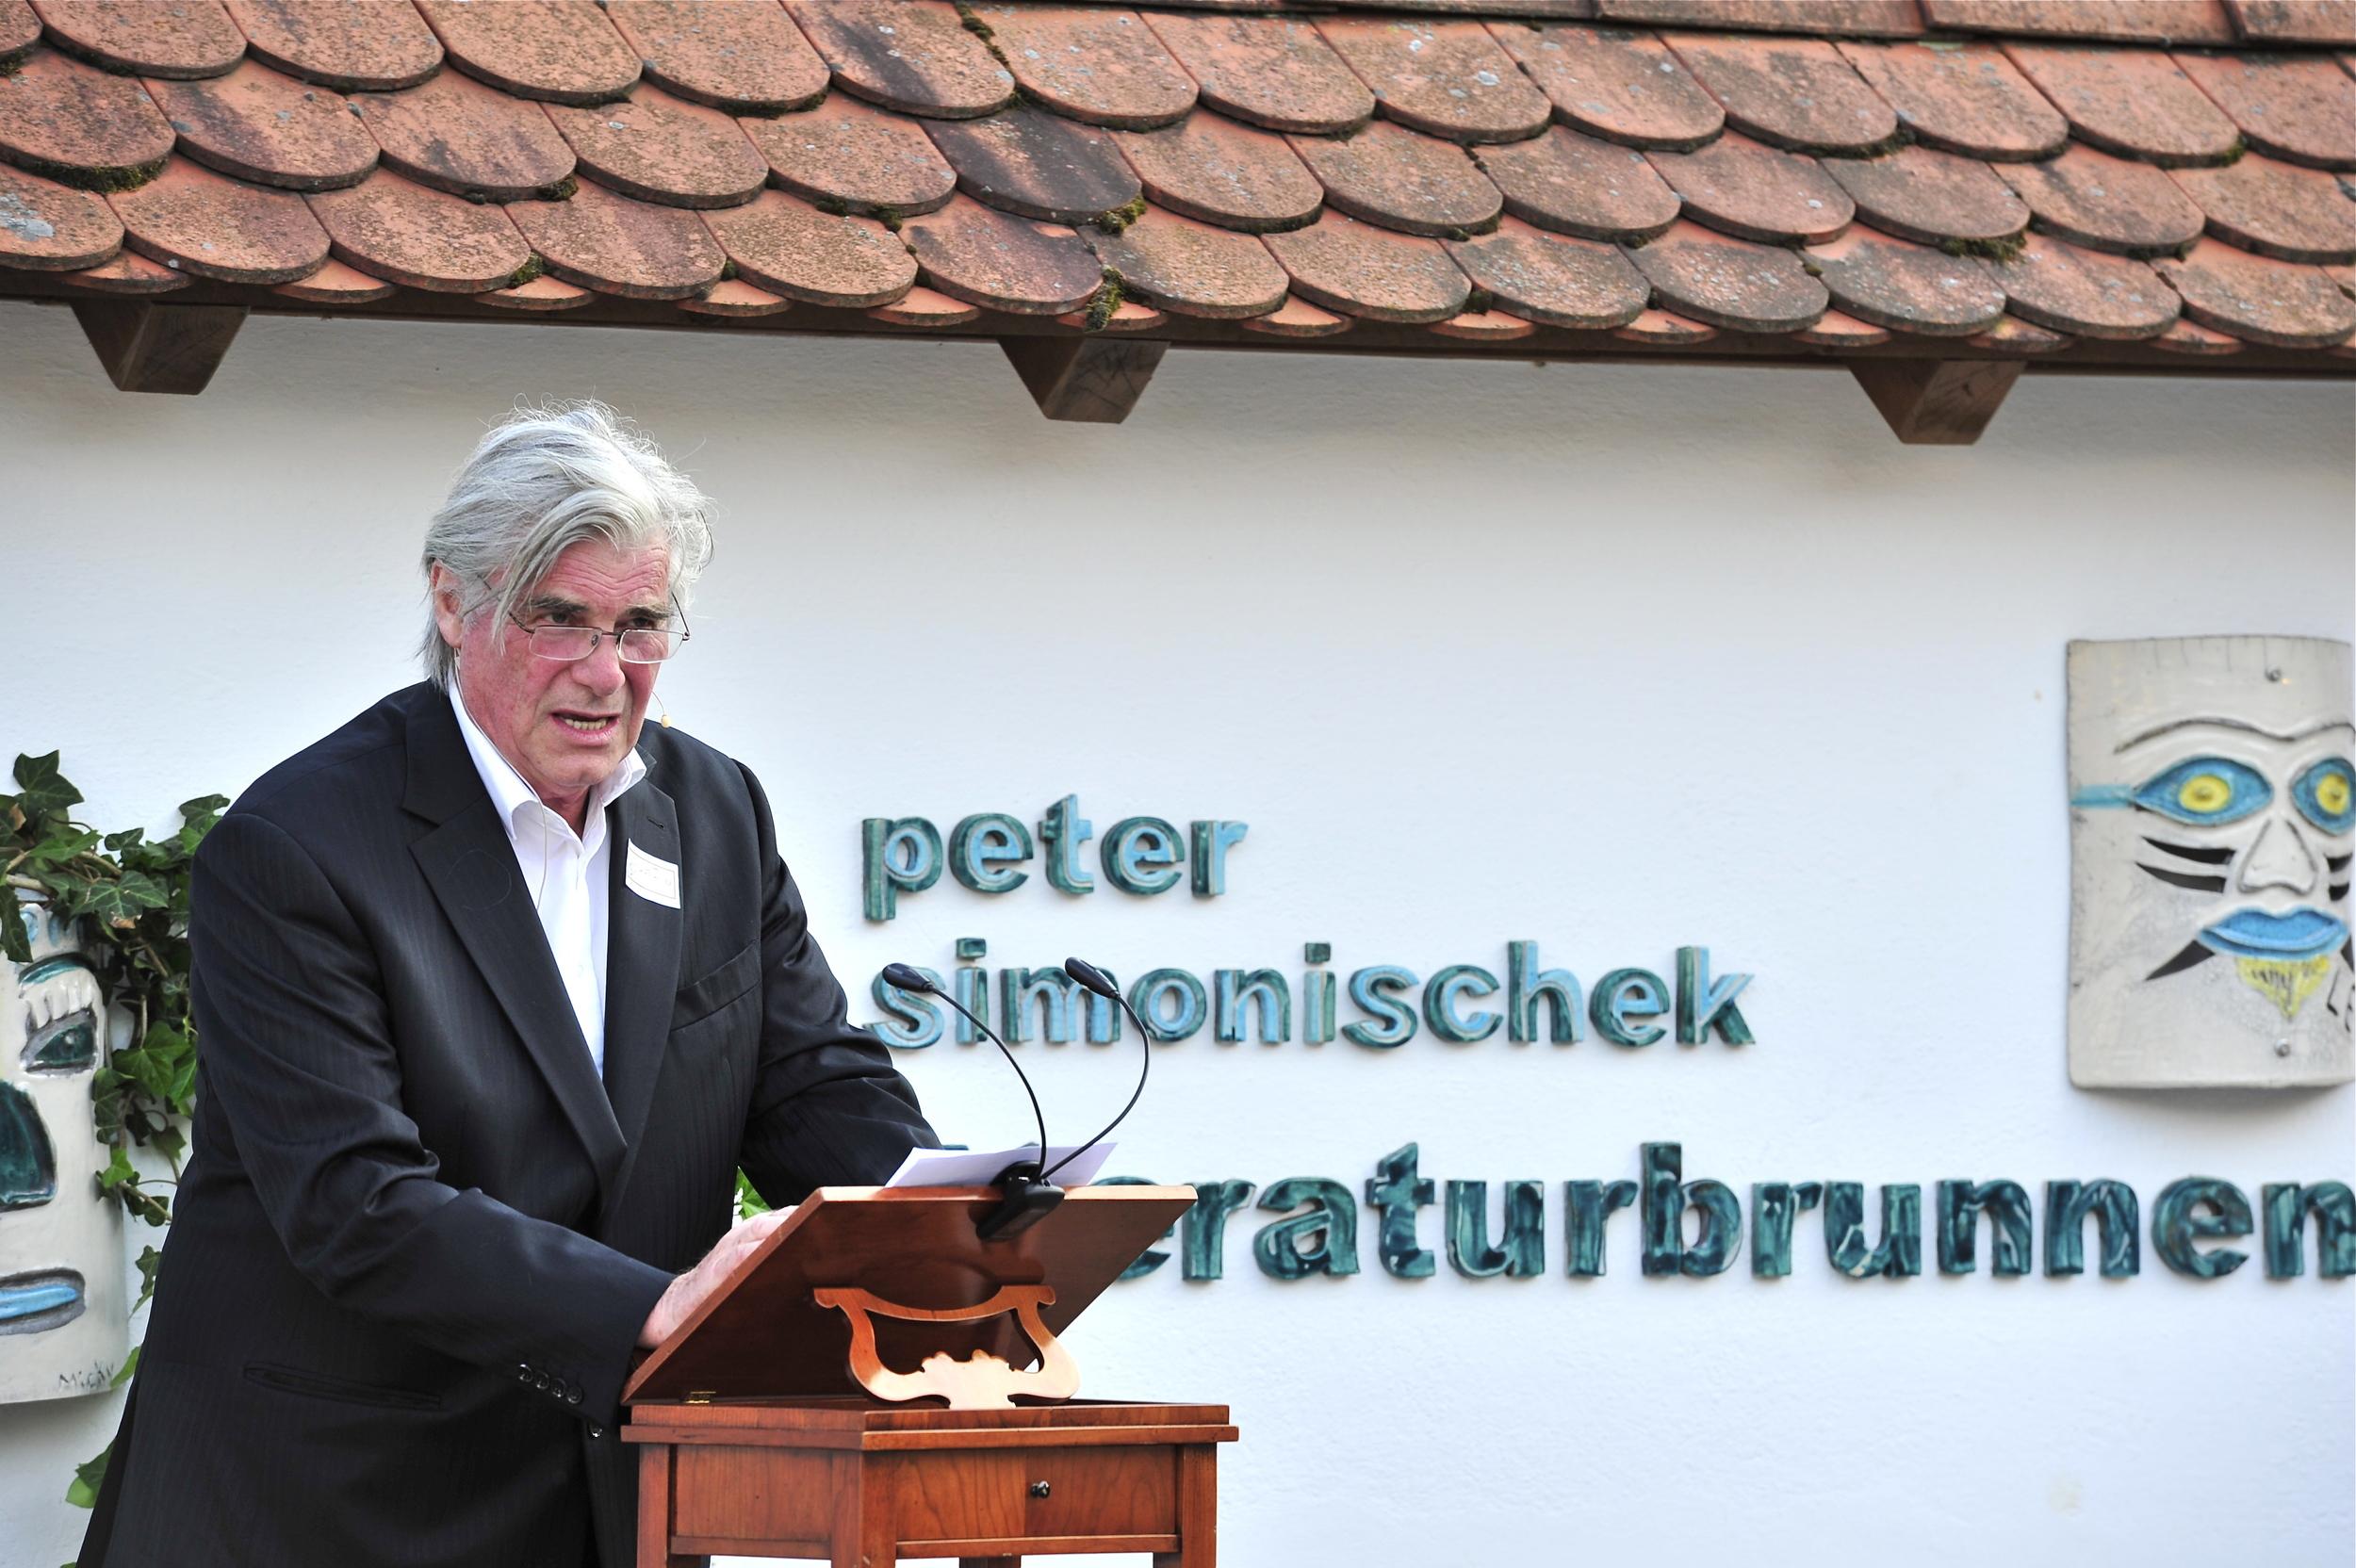 Peter Simonischek - Wortschatz 2012 Literaturwettbewerb